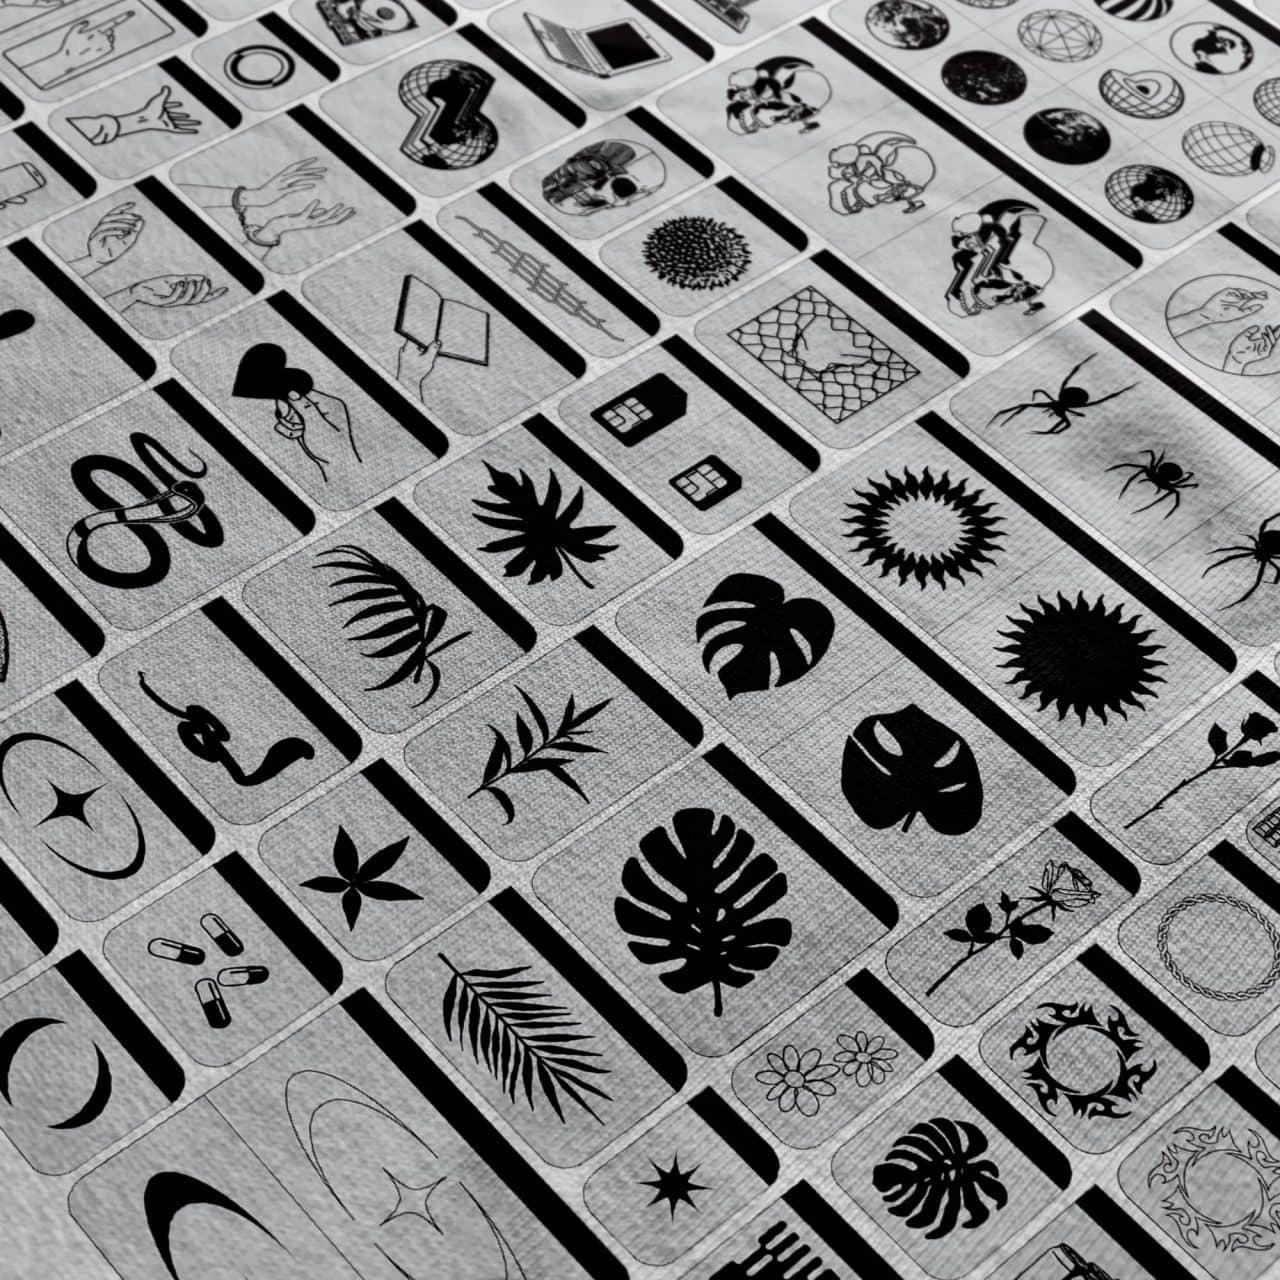 [单独购买] 124款潮流贴纸图标徽标Logo设计矢量素材套装 Studio Innate – Elements 000插图